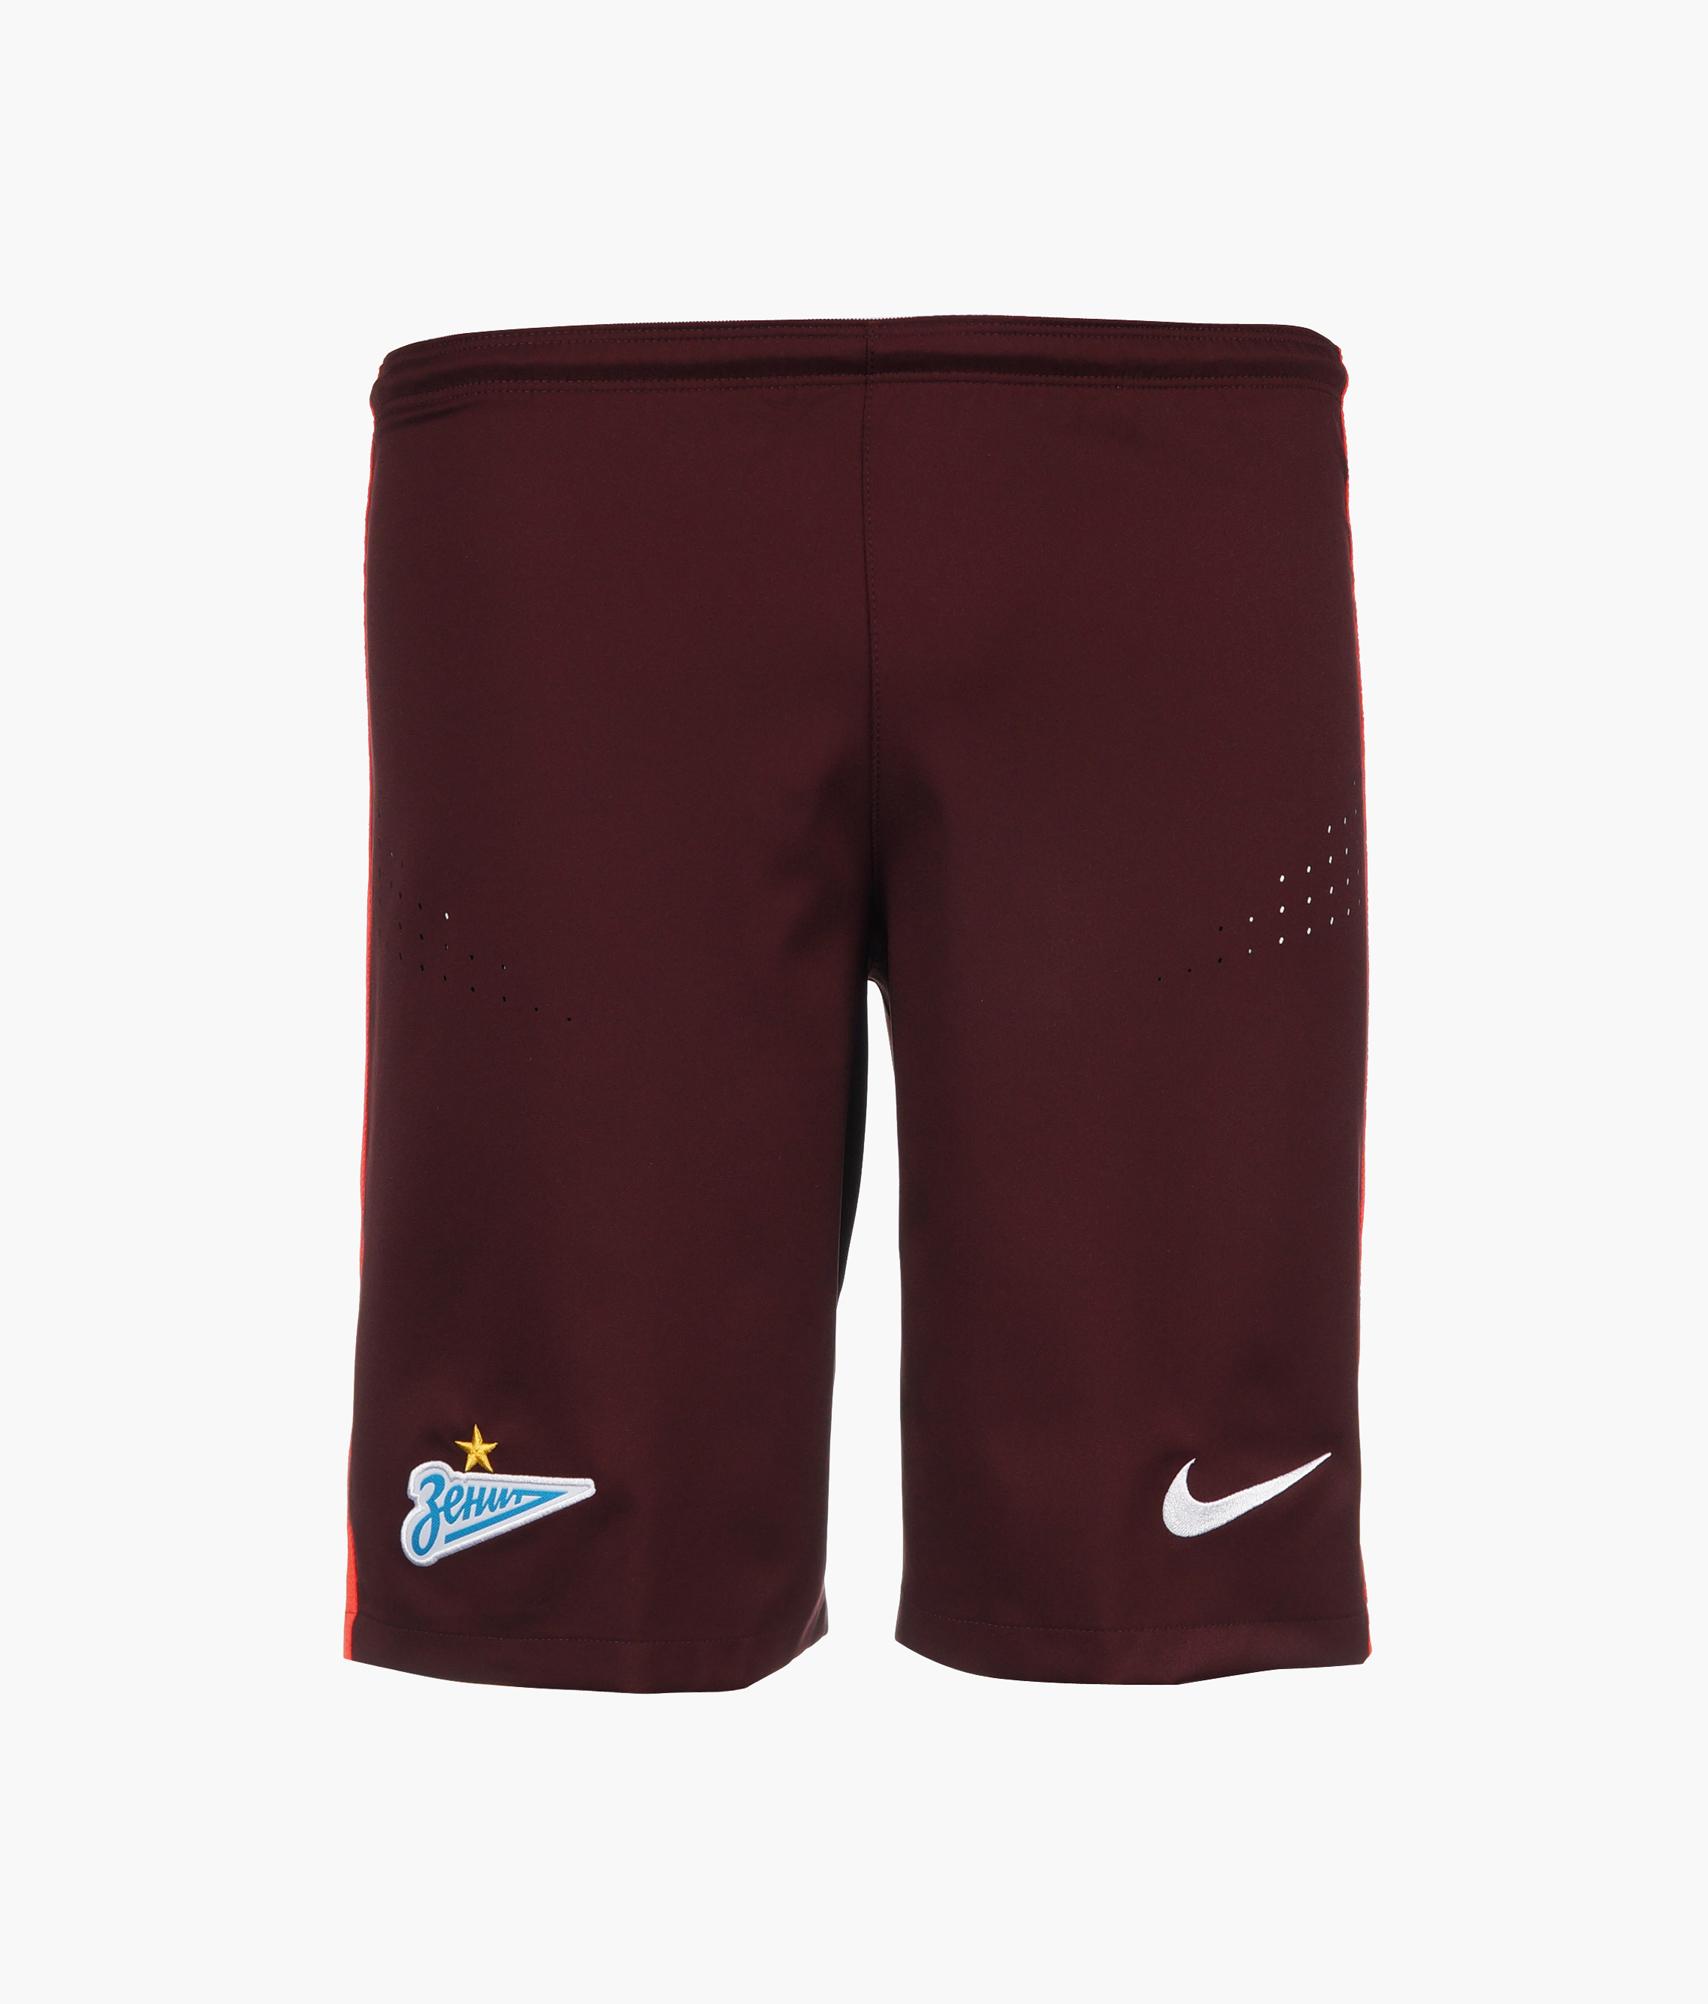 Оригинальные вратарские шорты Nike  Цвет-Бордовый